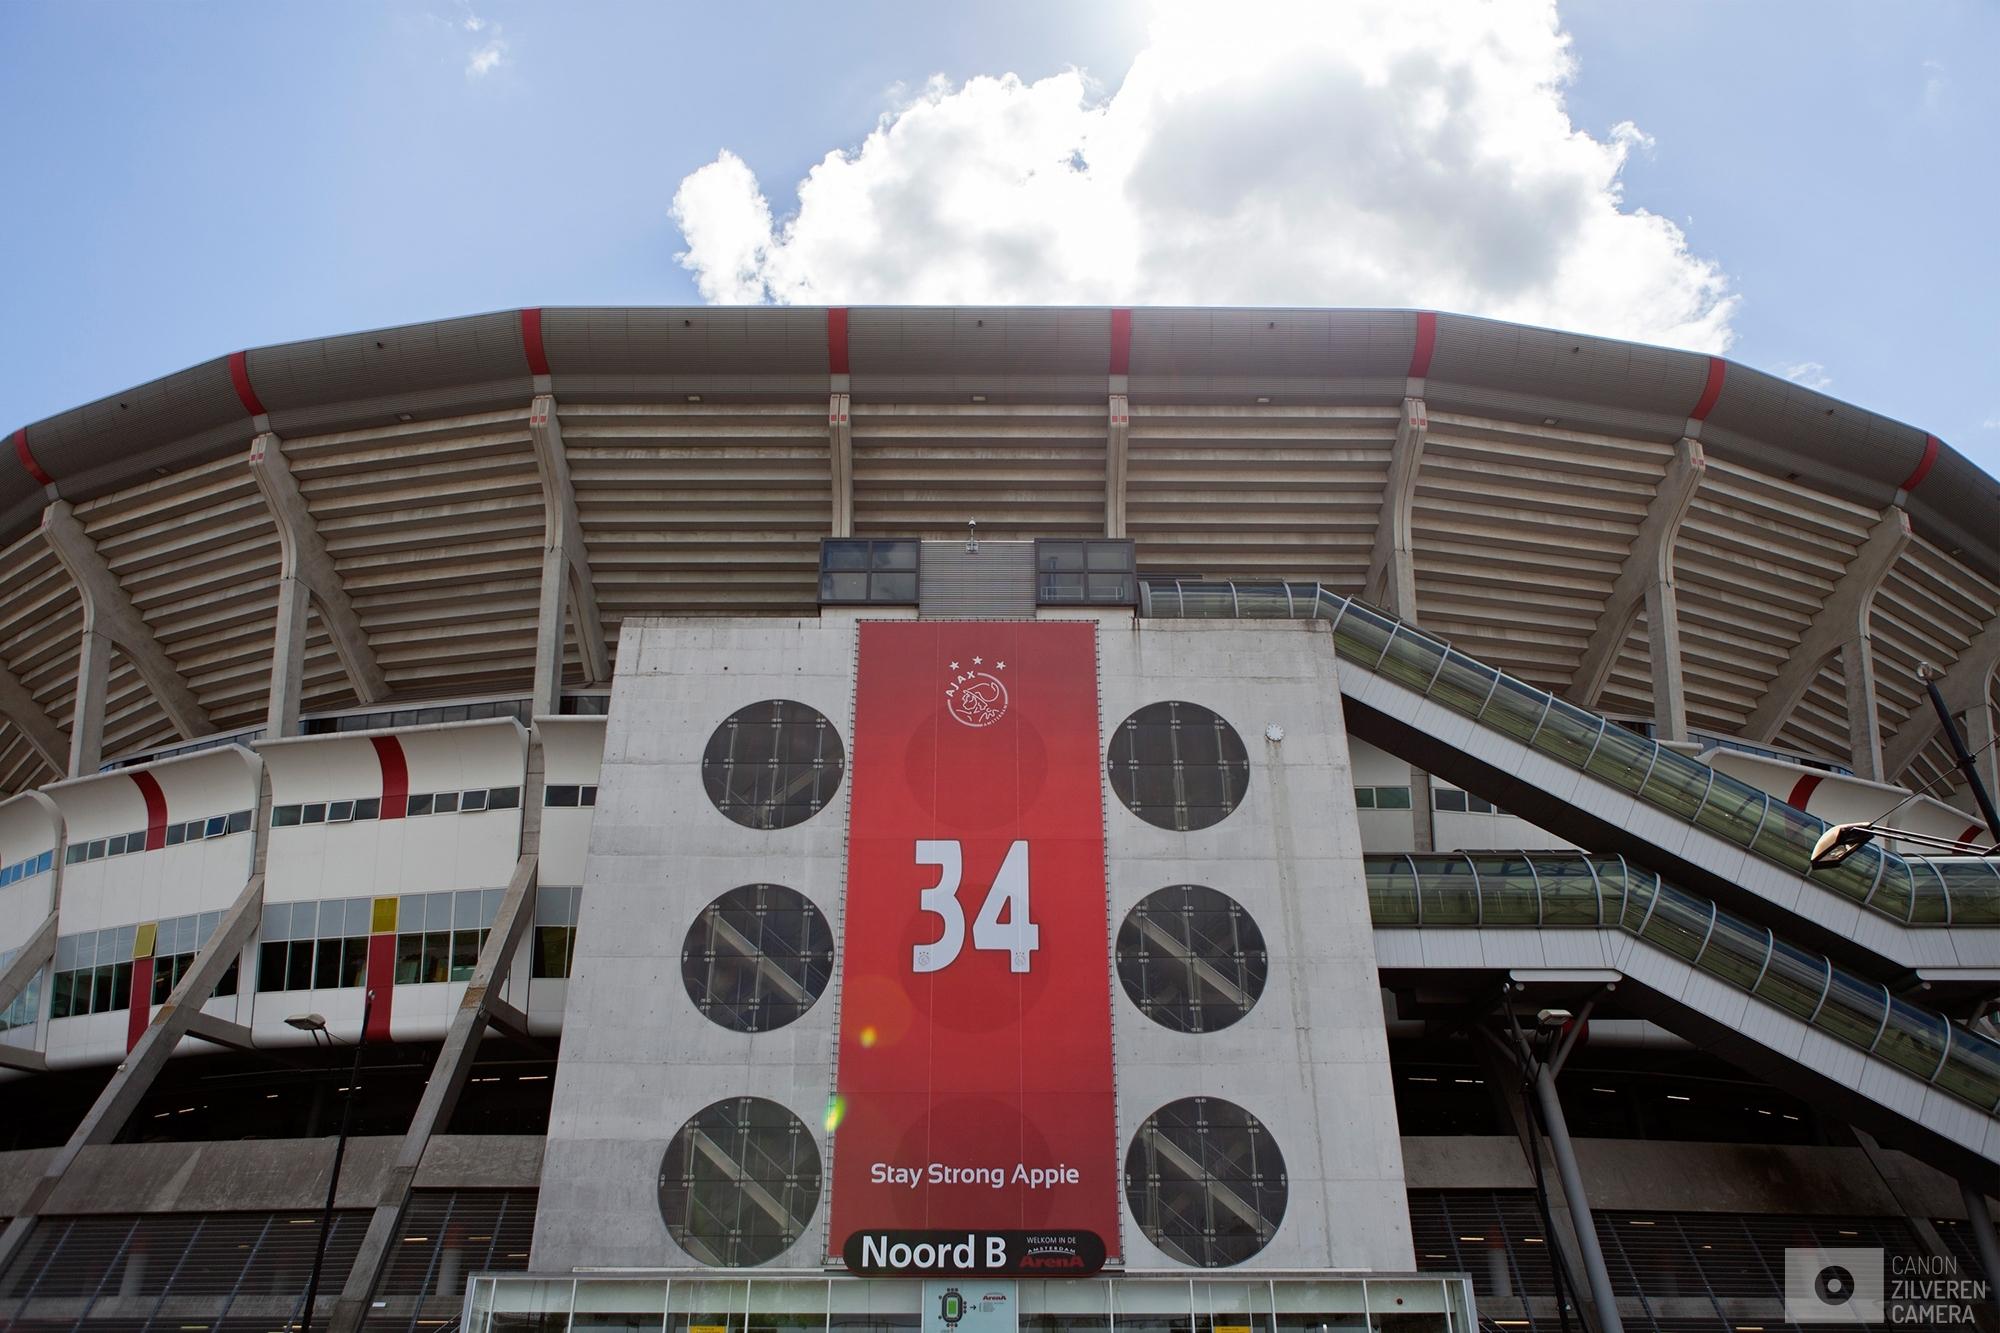 Foto 10 van 11De carrière van de talentvolle voetballer Abdelhak Nouri werd op 8 juli 2017 in de kiem gesmoord. Tijdens een oefenduel in het Oostenrijkse Zillertal werd de kleine Ajacied onwel en zakte in elkaar.Enkele dagen later werd bekend dat hij blijvende en ernstige hersenschade had opgelopen.De golf van collectief verdriet die toen door (voetballend) Nederland trok liet geen ruimte voor rivaliteit maar zorgde voor verbroedering om te bidden voor een zo'n positief mogelijke afloop voor Abdelhak.